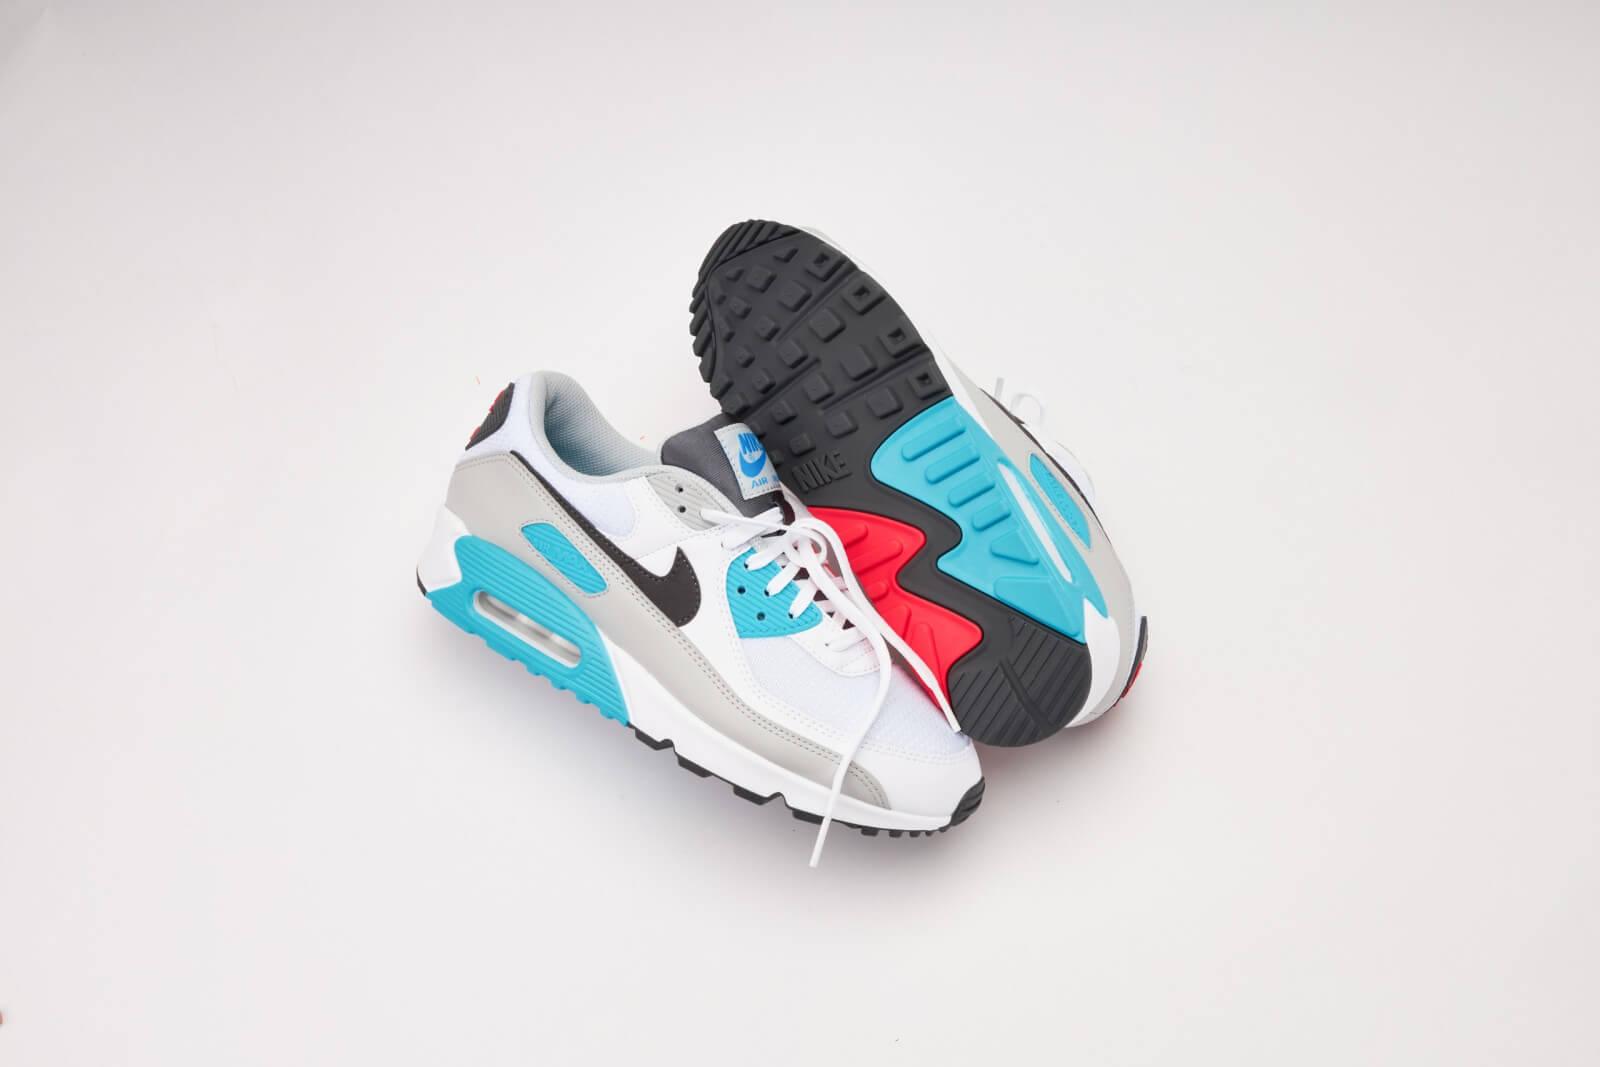 Nike Air Max 90 White/Iron-Chlorine Blue